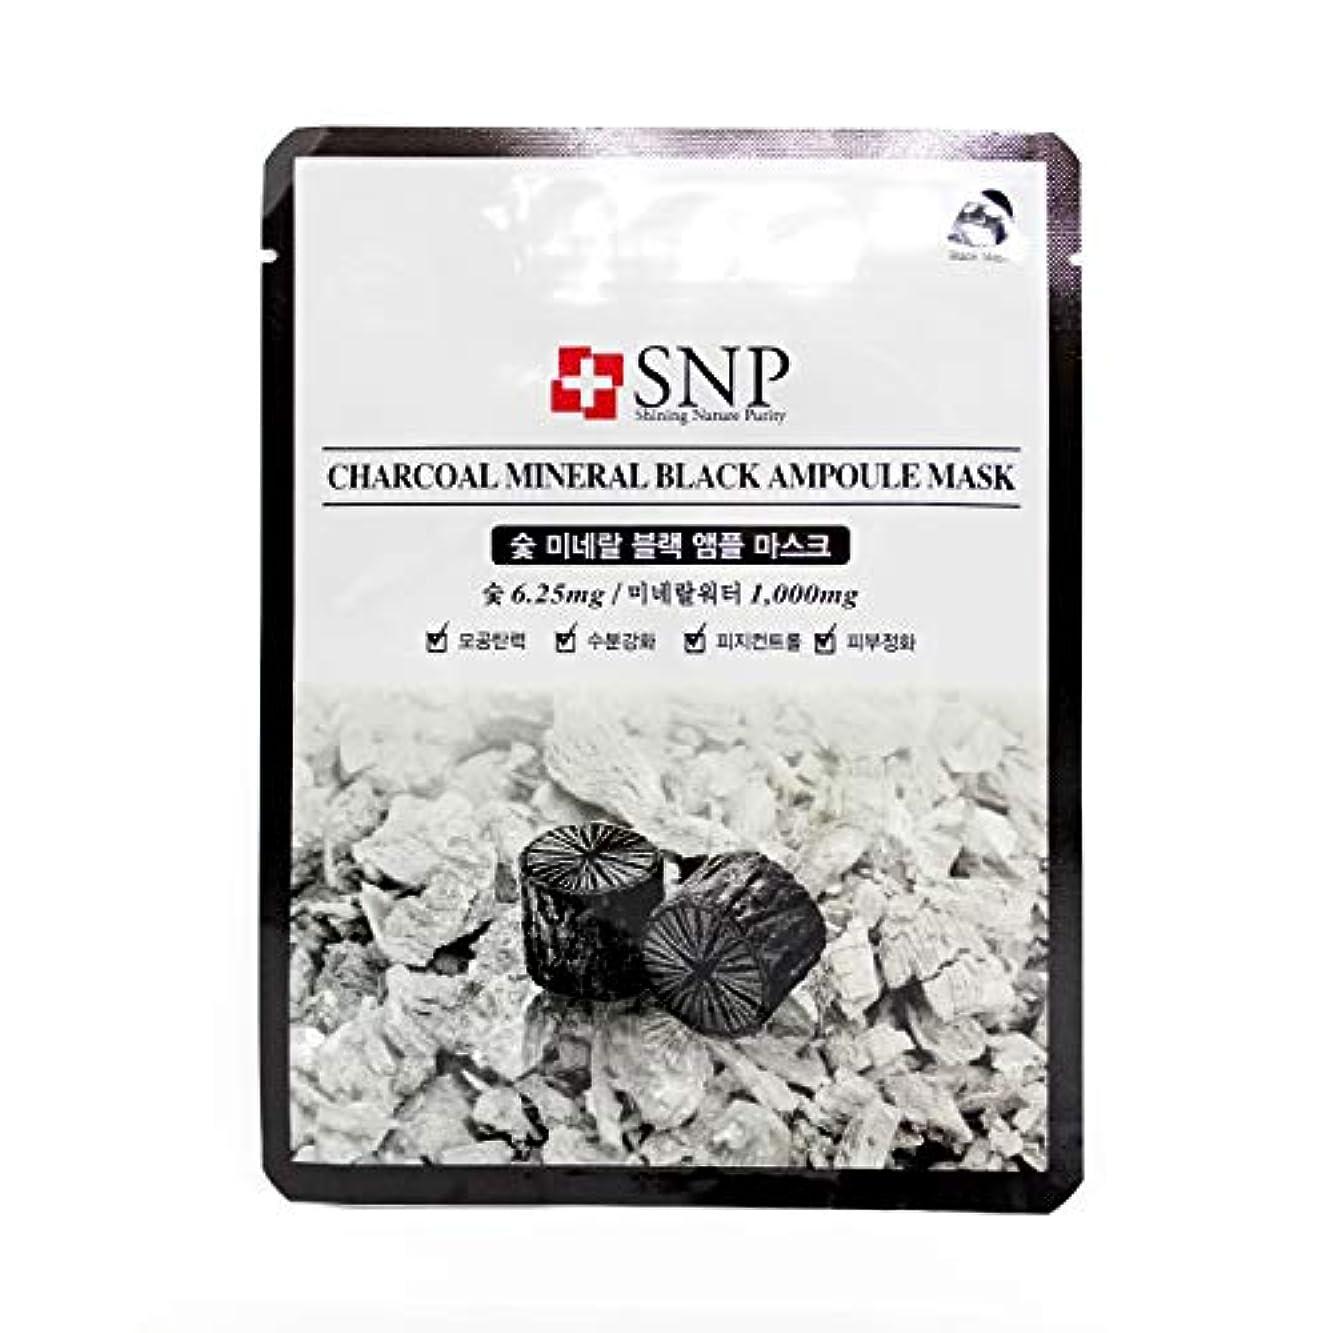 リレー可能性フィードSNP エスエヌピー 炭 ミネラル ブラック アンプル マスク 10枚セット